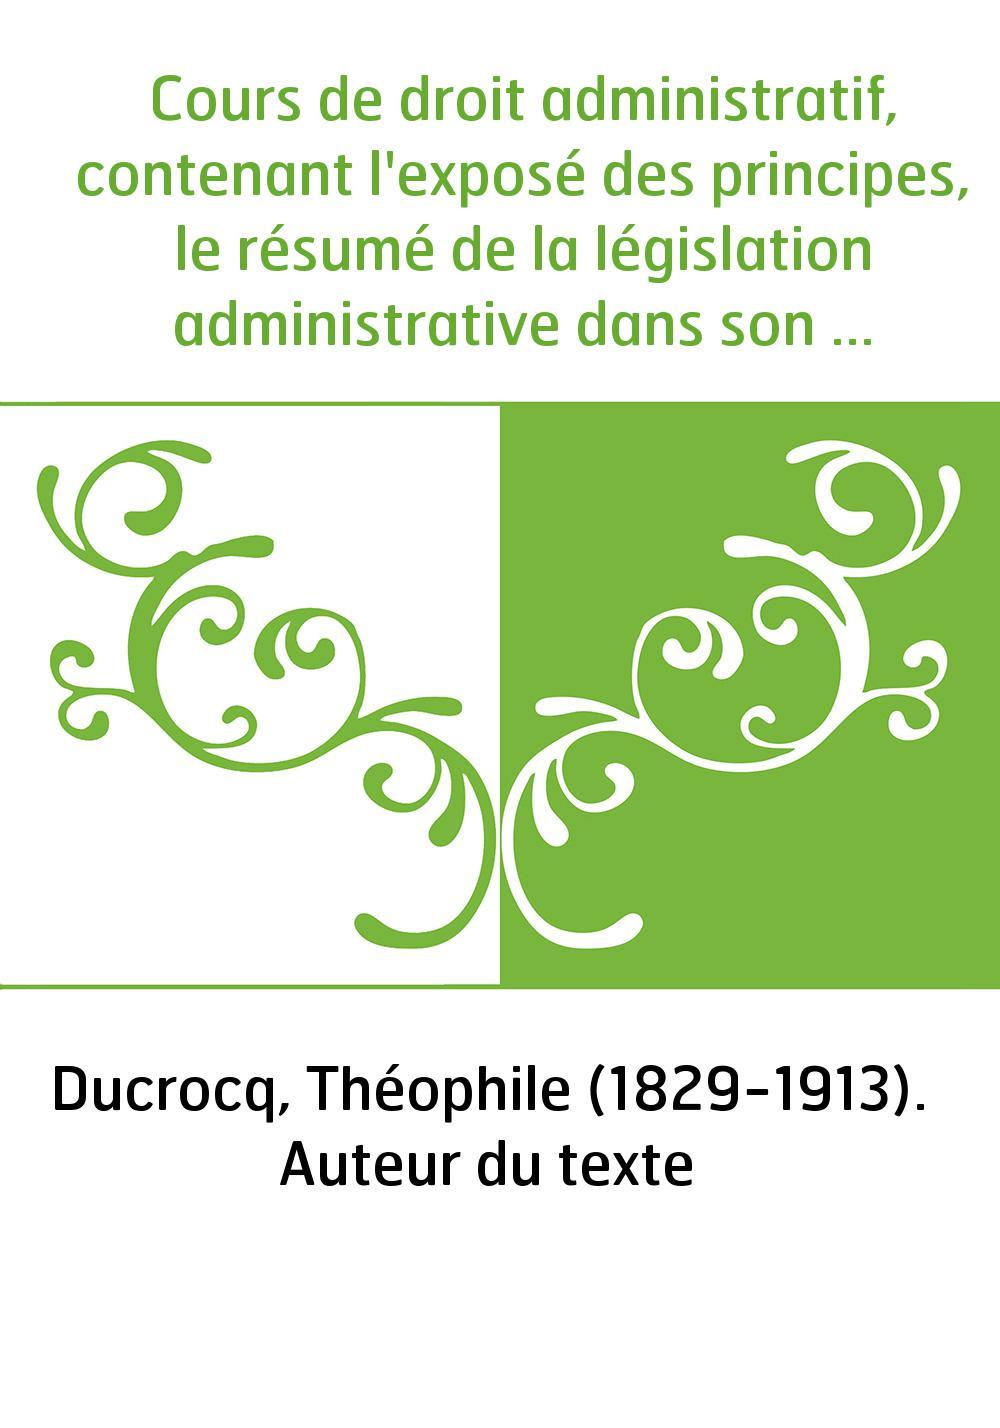 Cours de droit administratif, contenant l'exposé des principes, le résumé de la législation administrative dans son dernier état